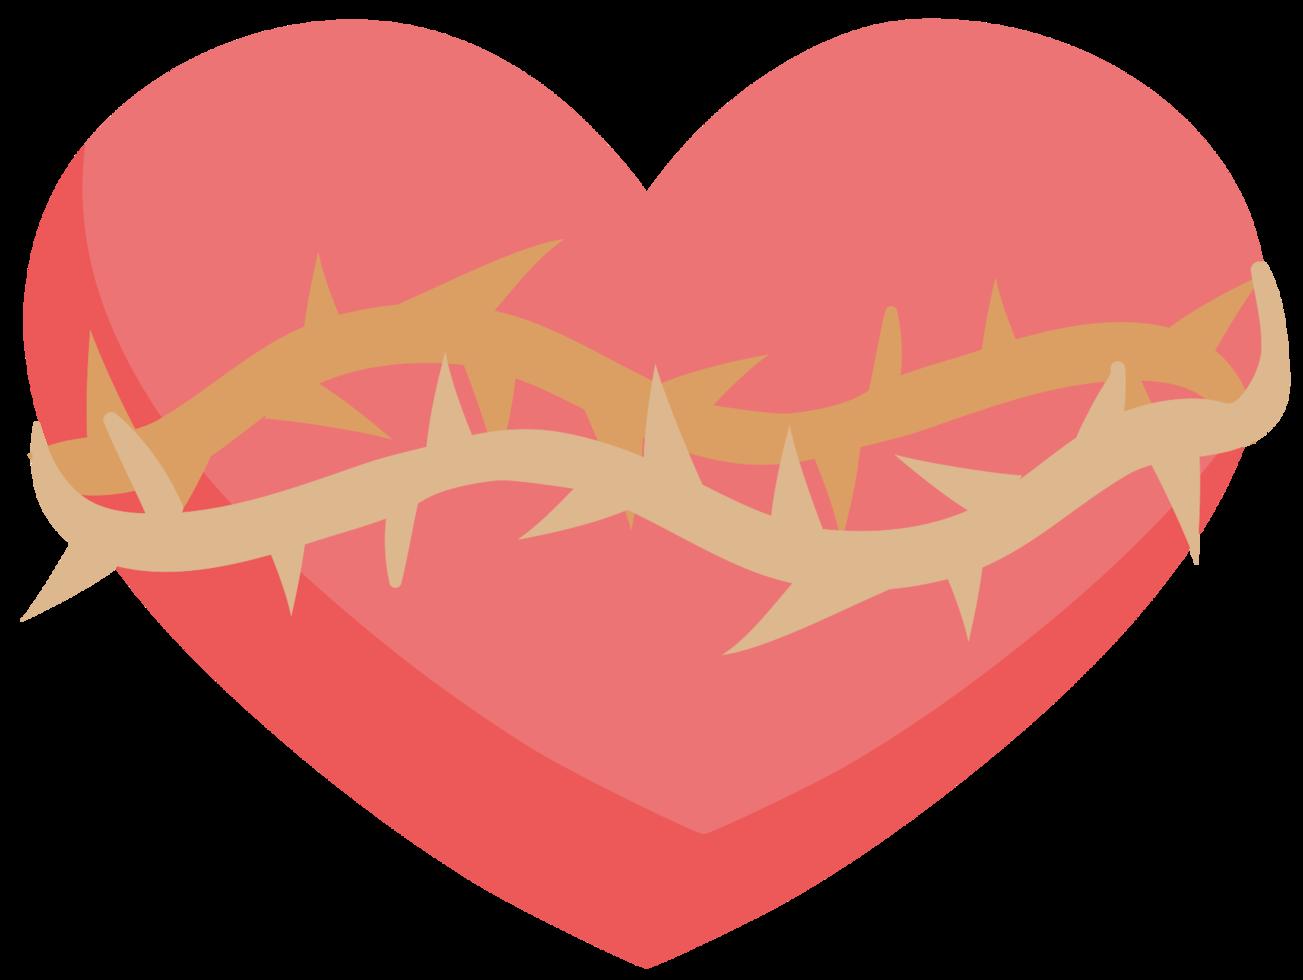 Herz mit Dorn png